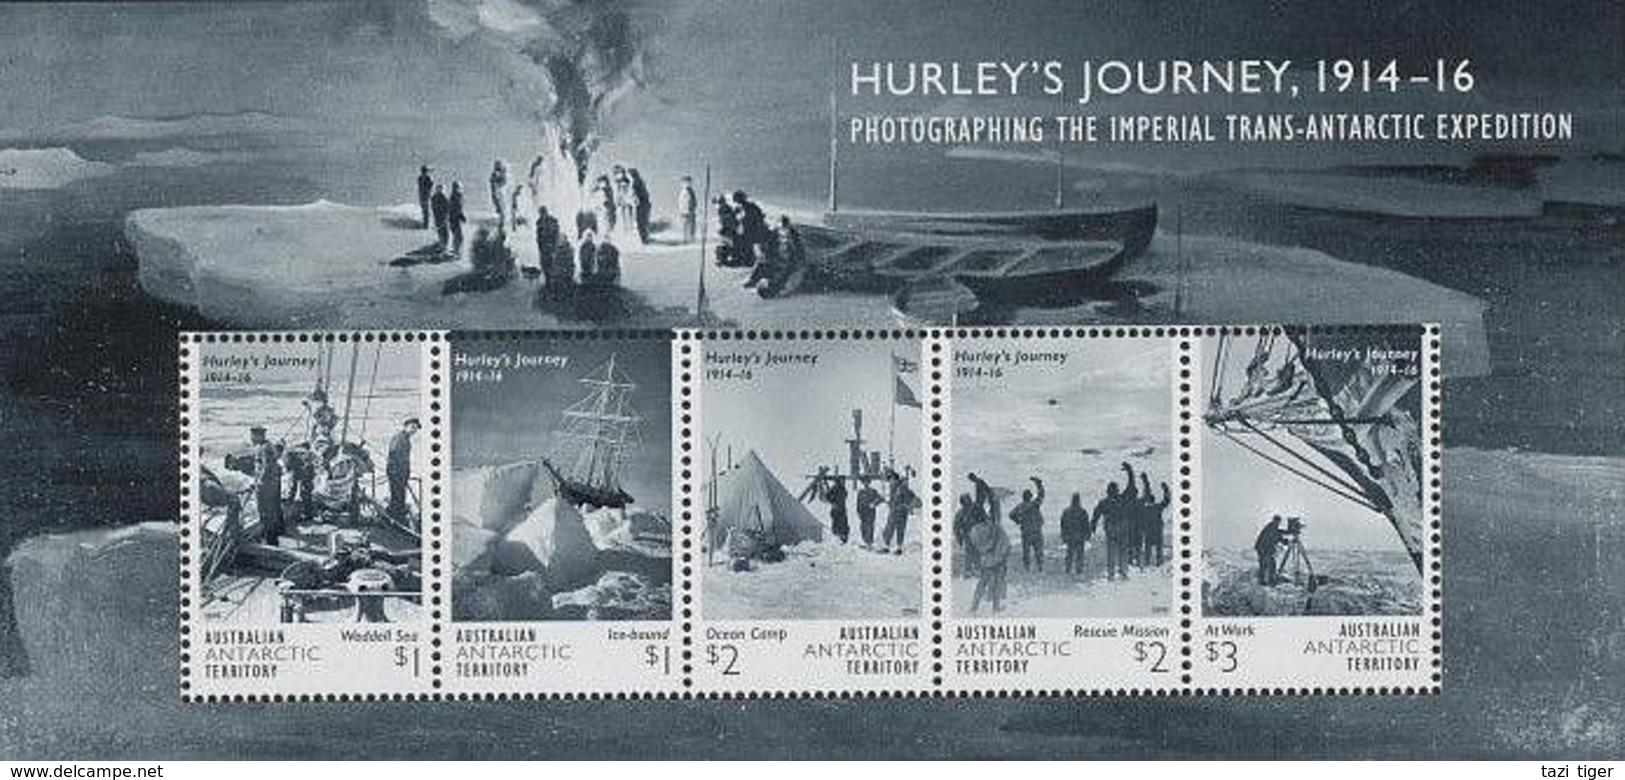 AUSTRALIAN ANTARCTIC TERRITORY (AAT) • 2016 • Hurley's Journey 1914-16 - Miniature Sheet • MNH (1) - Australian Antarctic Territory (AAT)